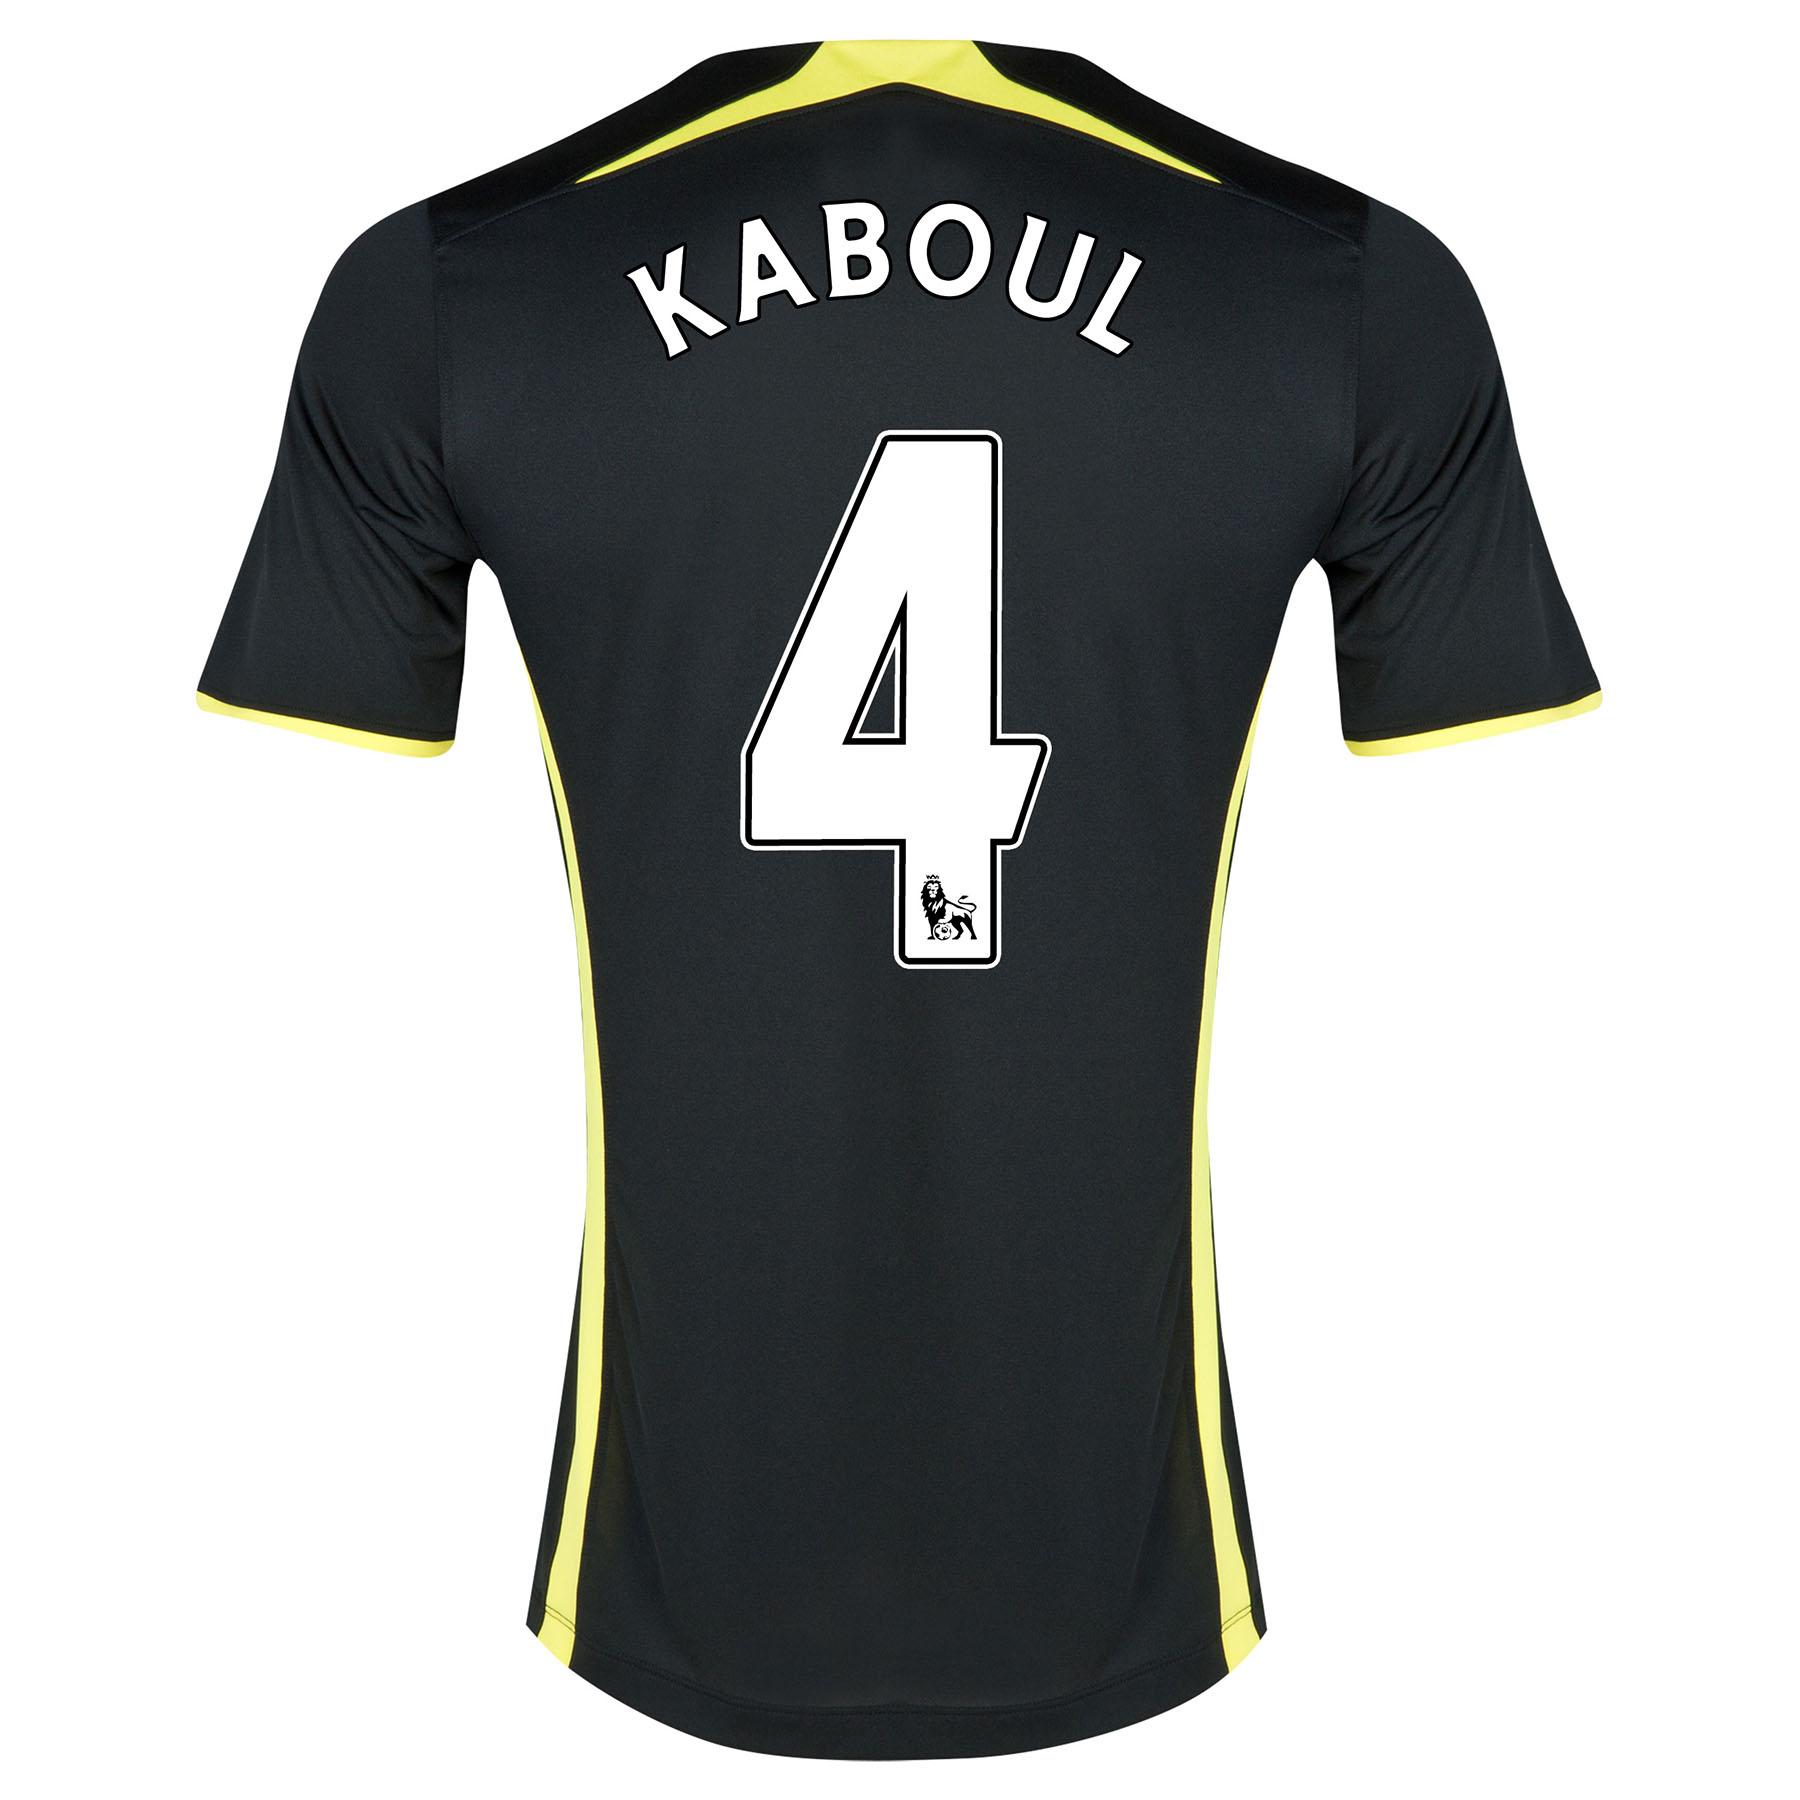 Tottenham Hotspur Away Shirt 2014/15 - Kids with Kaboul 4 printing